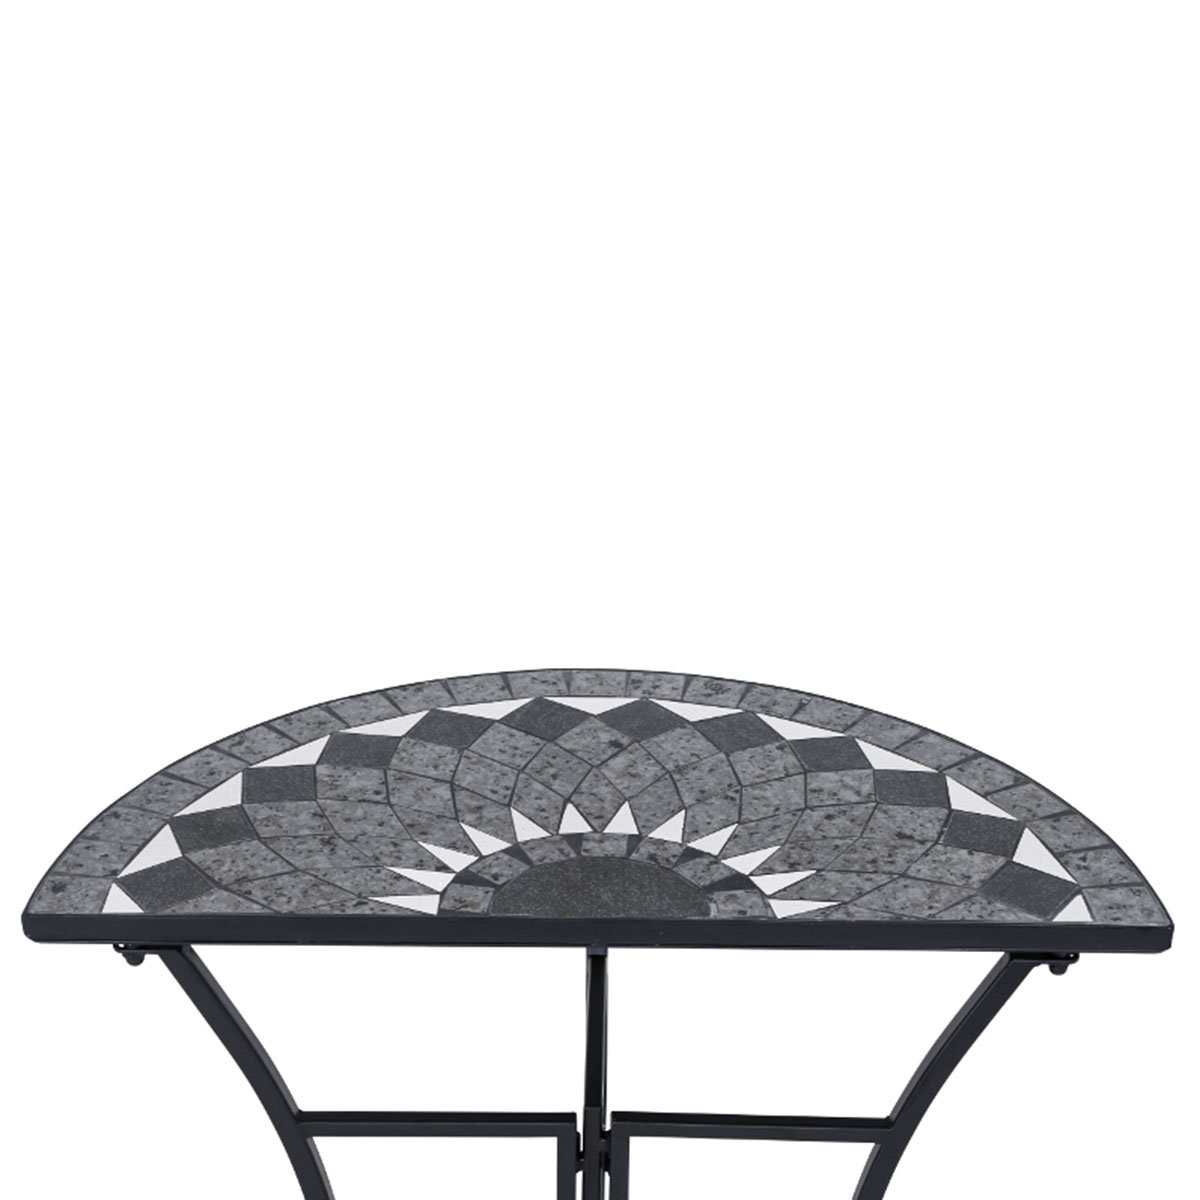 Tisch Mosaik, halbrund, Stahlgestell mit Keramikfläche, ca. 70 x 35 71 cm | #5